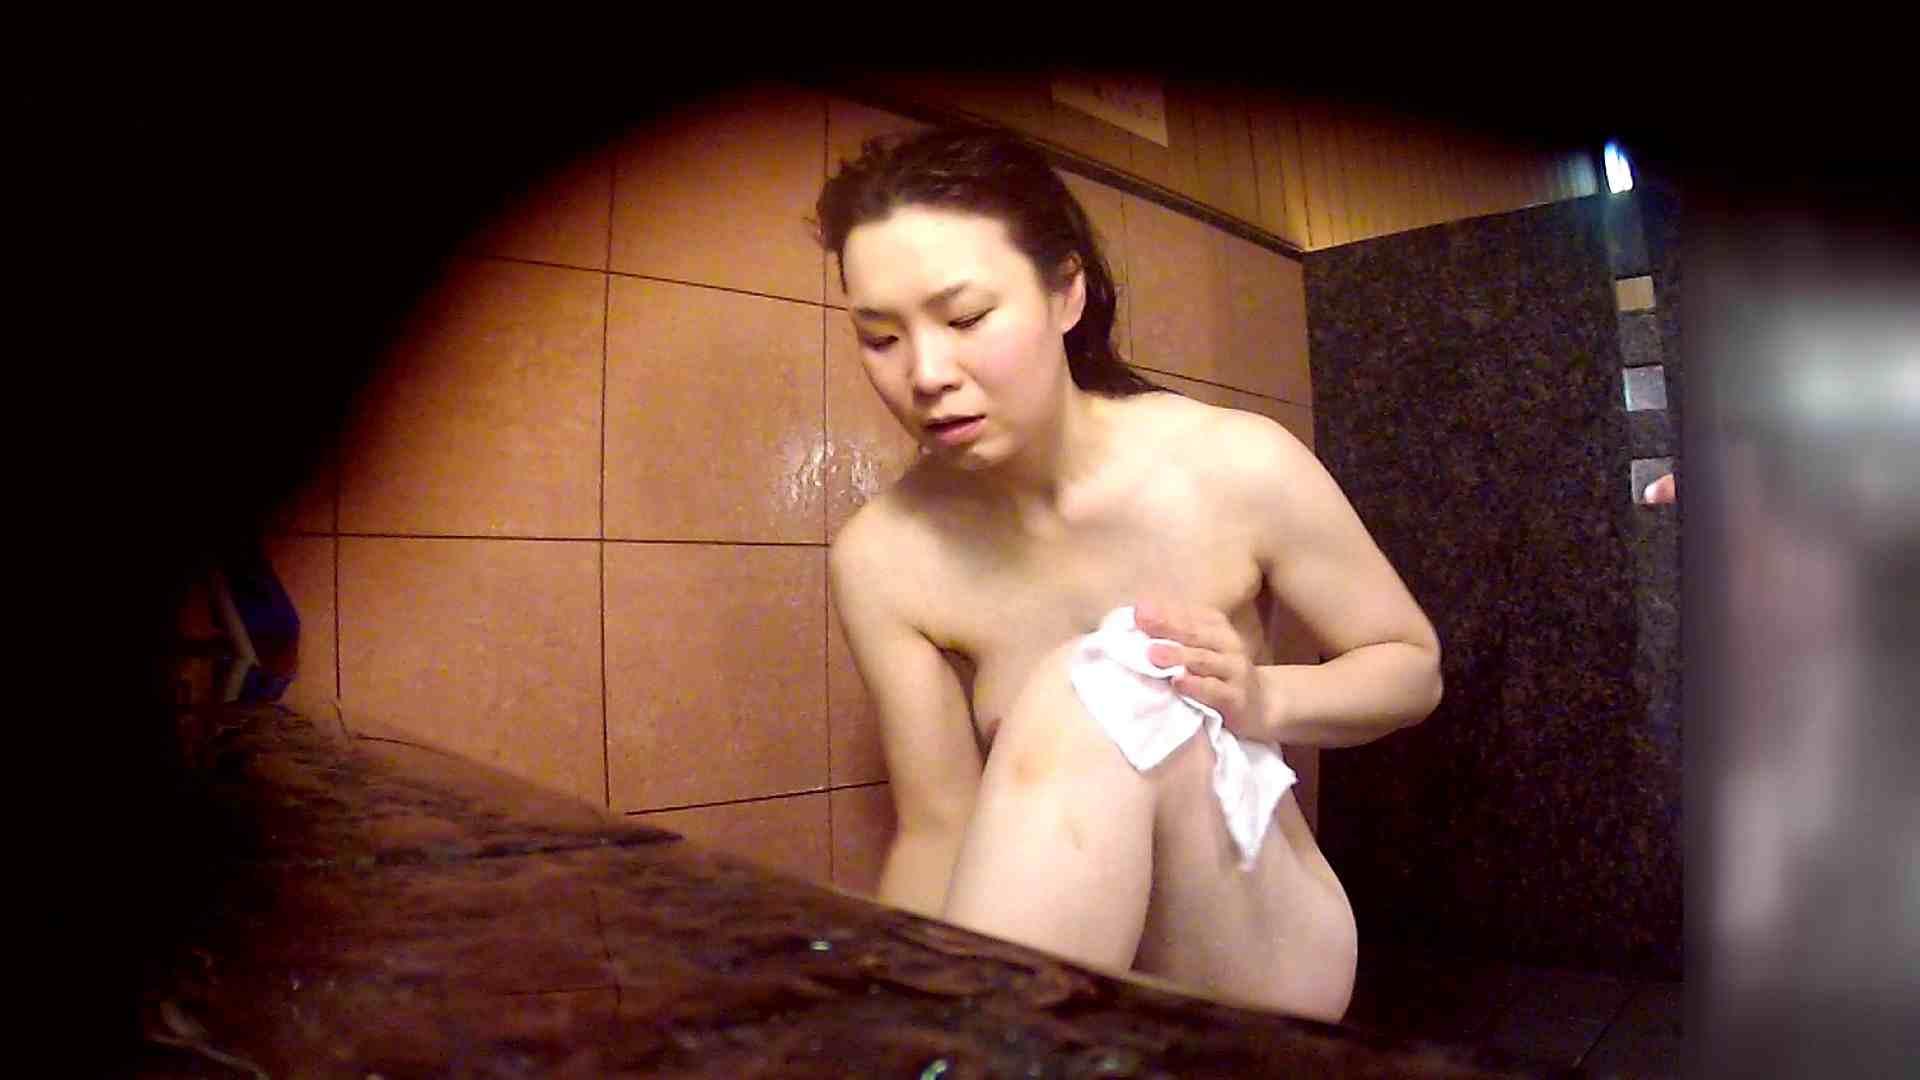 洗い場!マッスルお嬢さん!でもオッパイだけは柔らかそうです。 女湯 オメコ動画キャプチャ 68画像 18